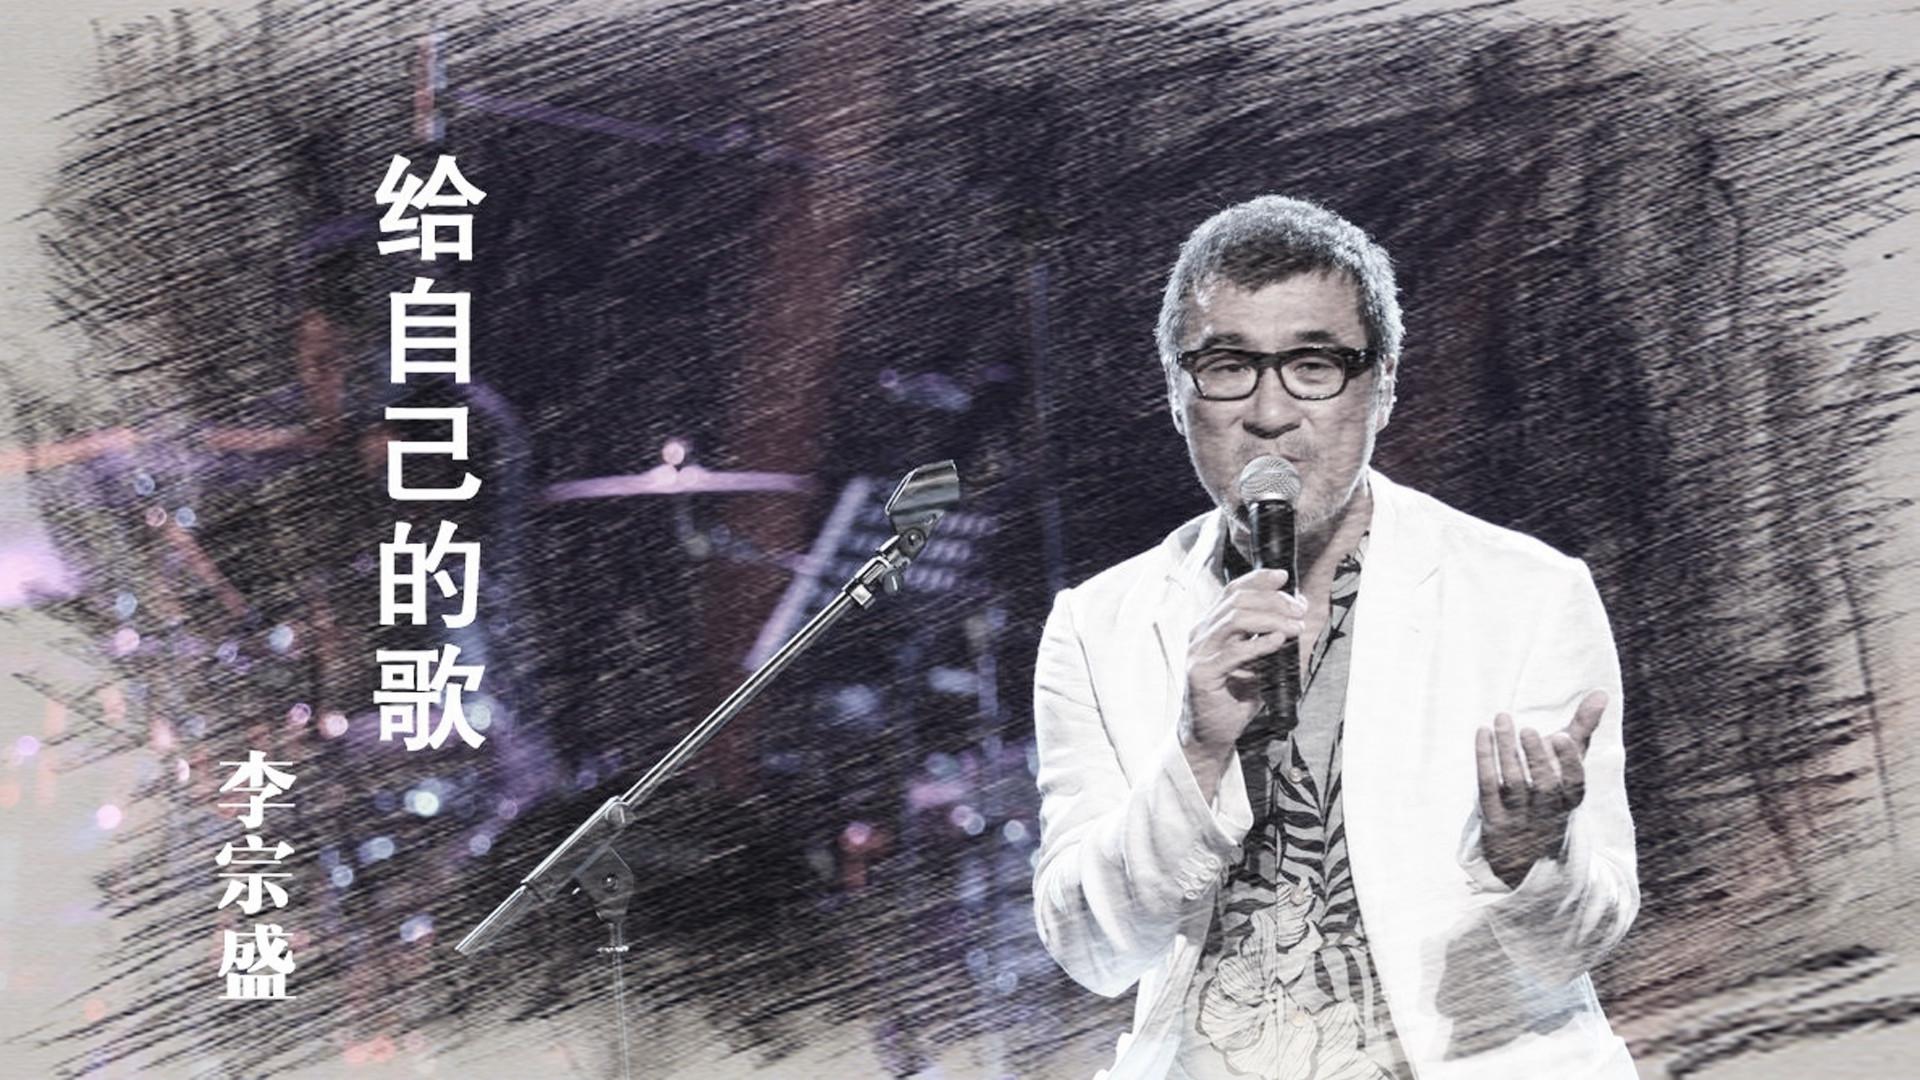 李宗盛给自己的歌